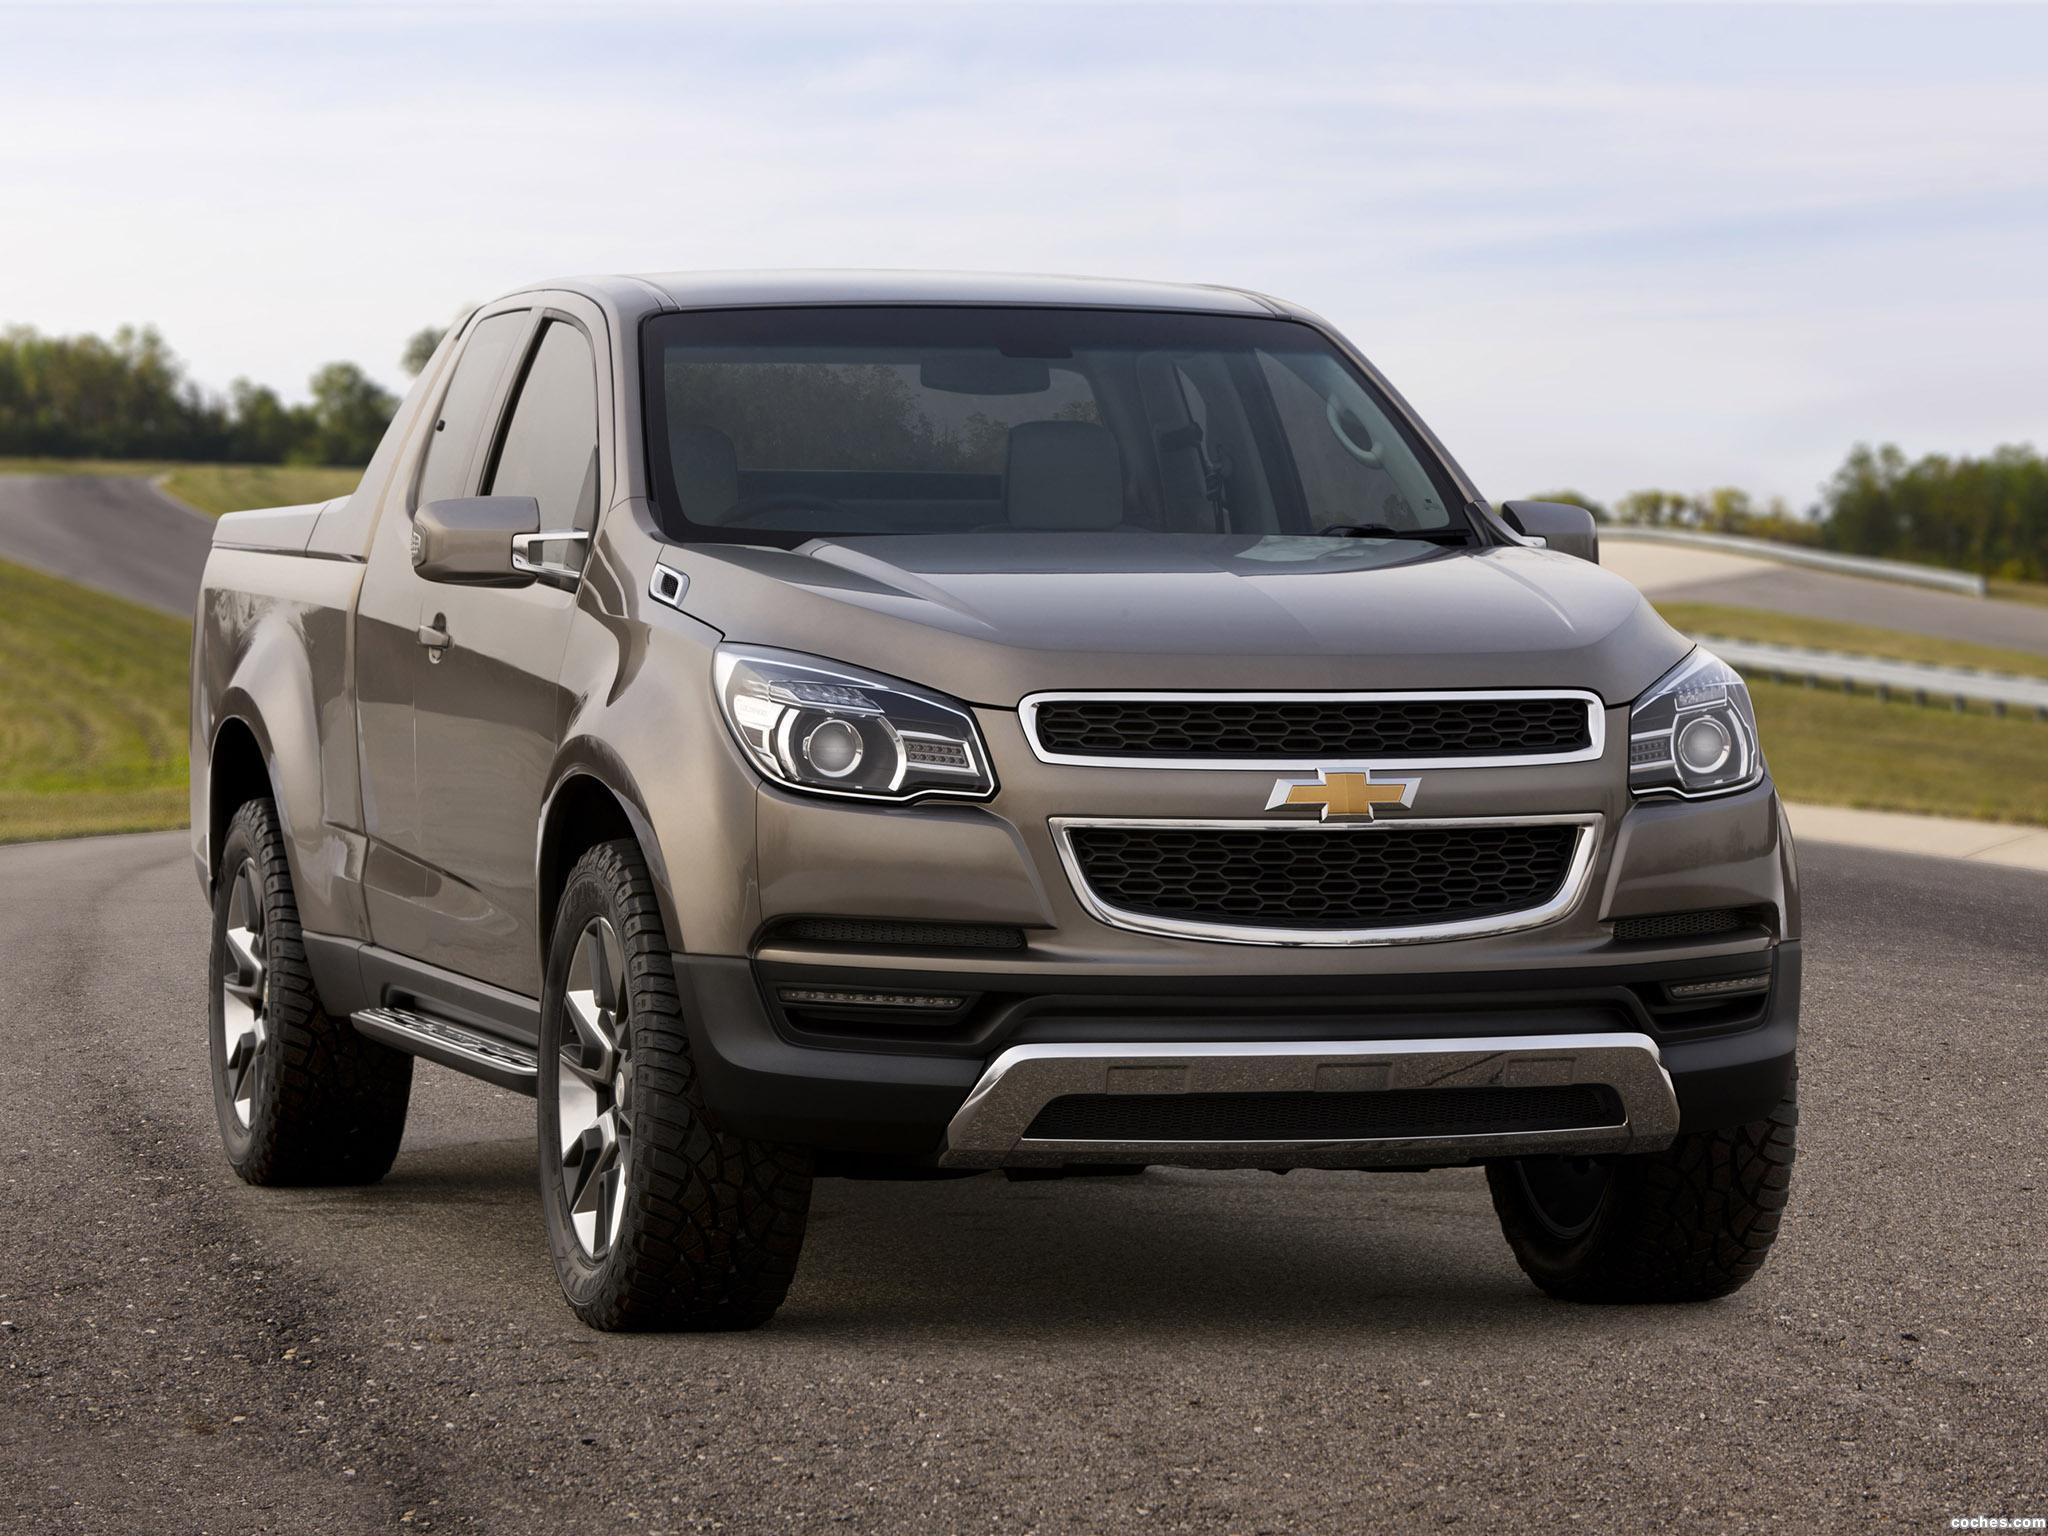 Foto 0 de Chevrolet Colorado Concept 2011